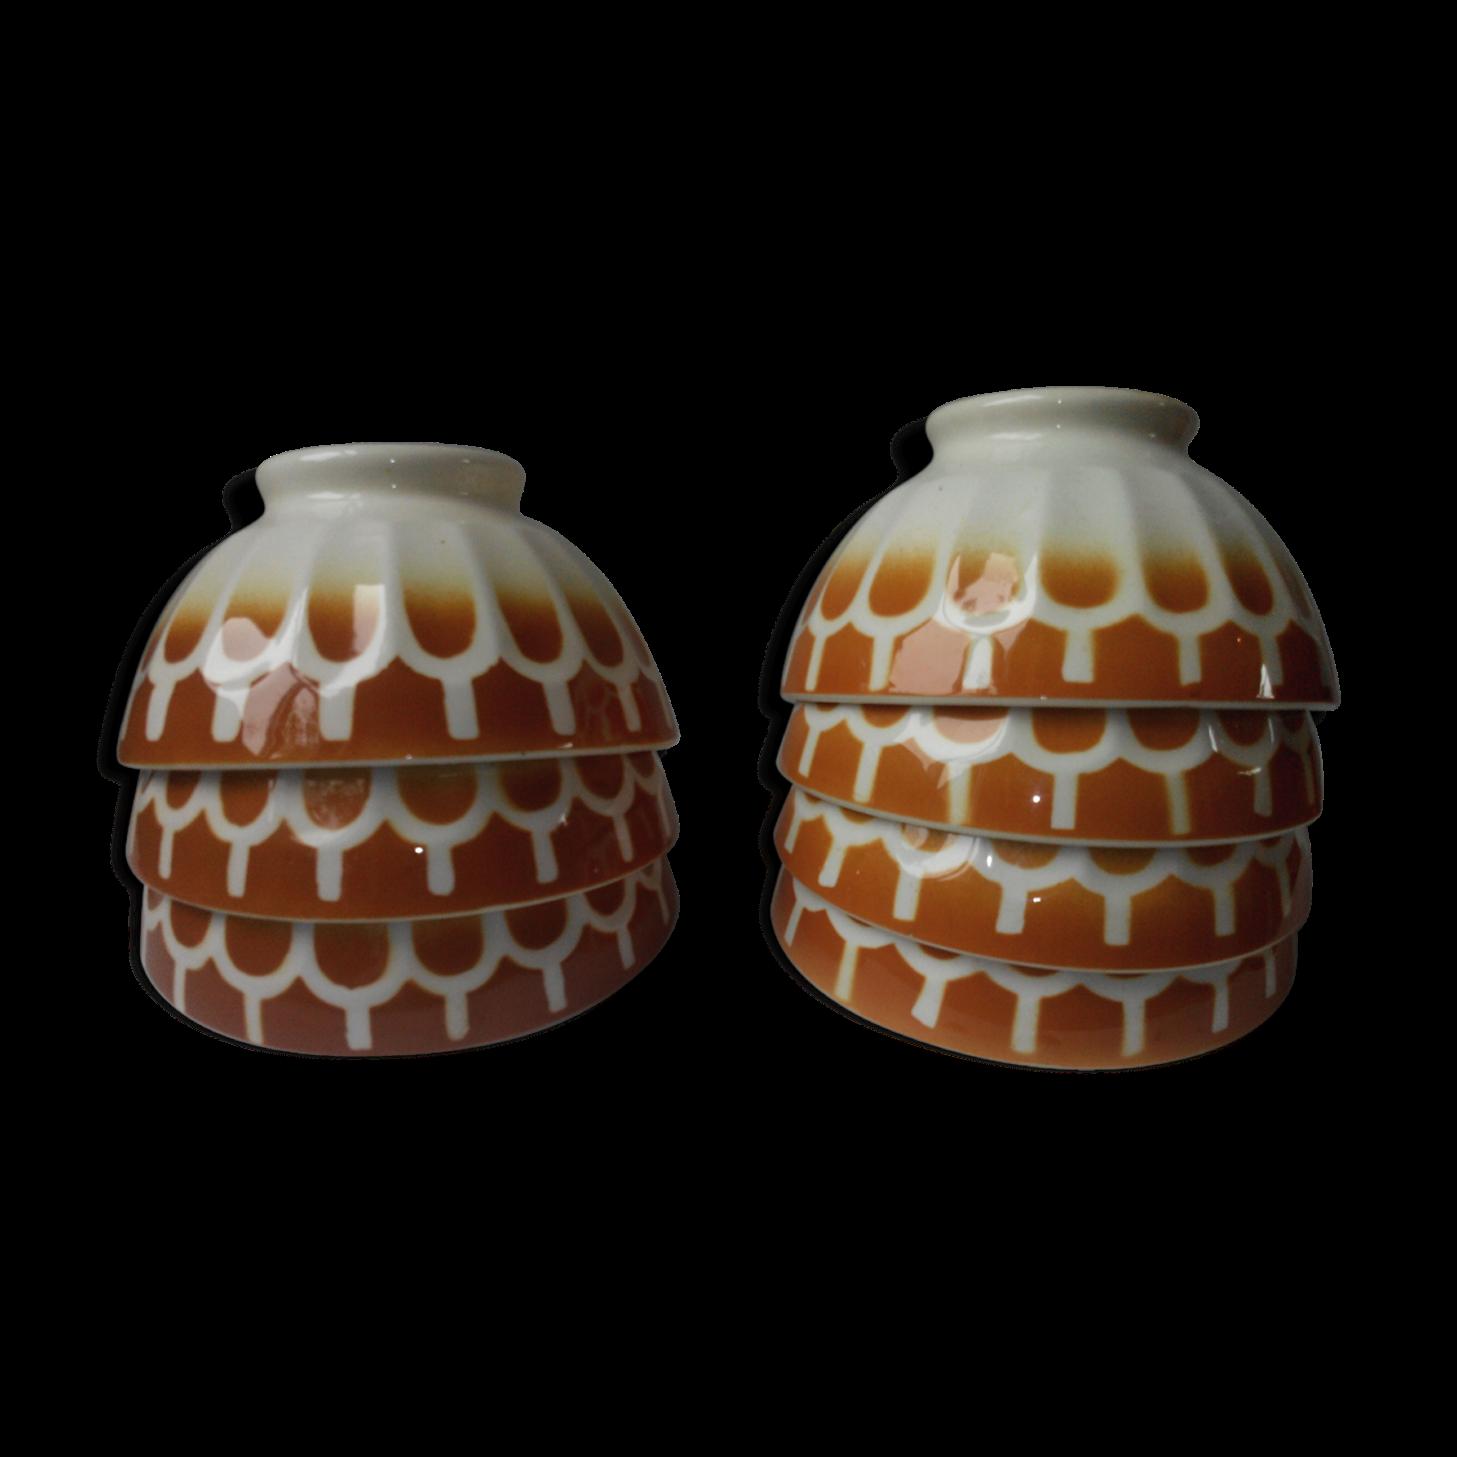 vase granit pas cher pas cher peinture idee faience salle de bain grand vase design interieur. Black Bedroom Furniture Sets. Home Design Ideas